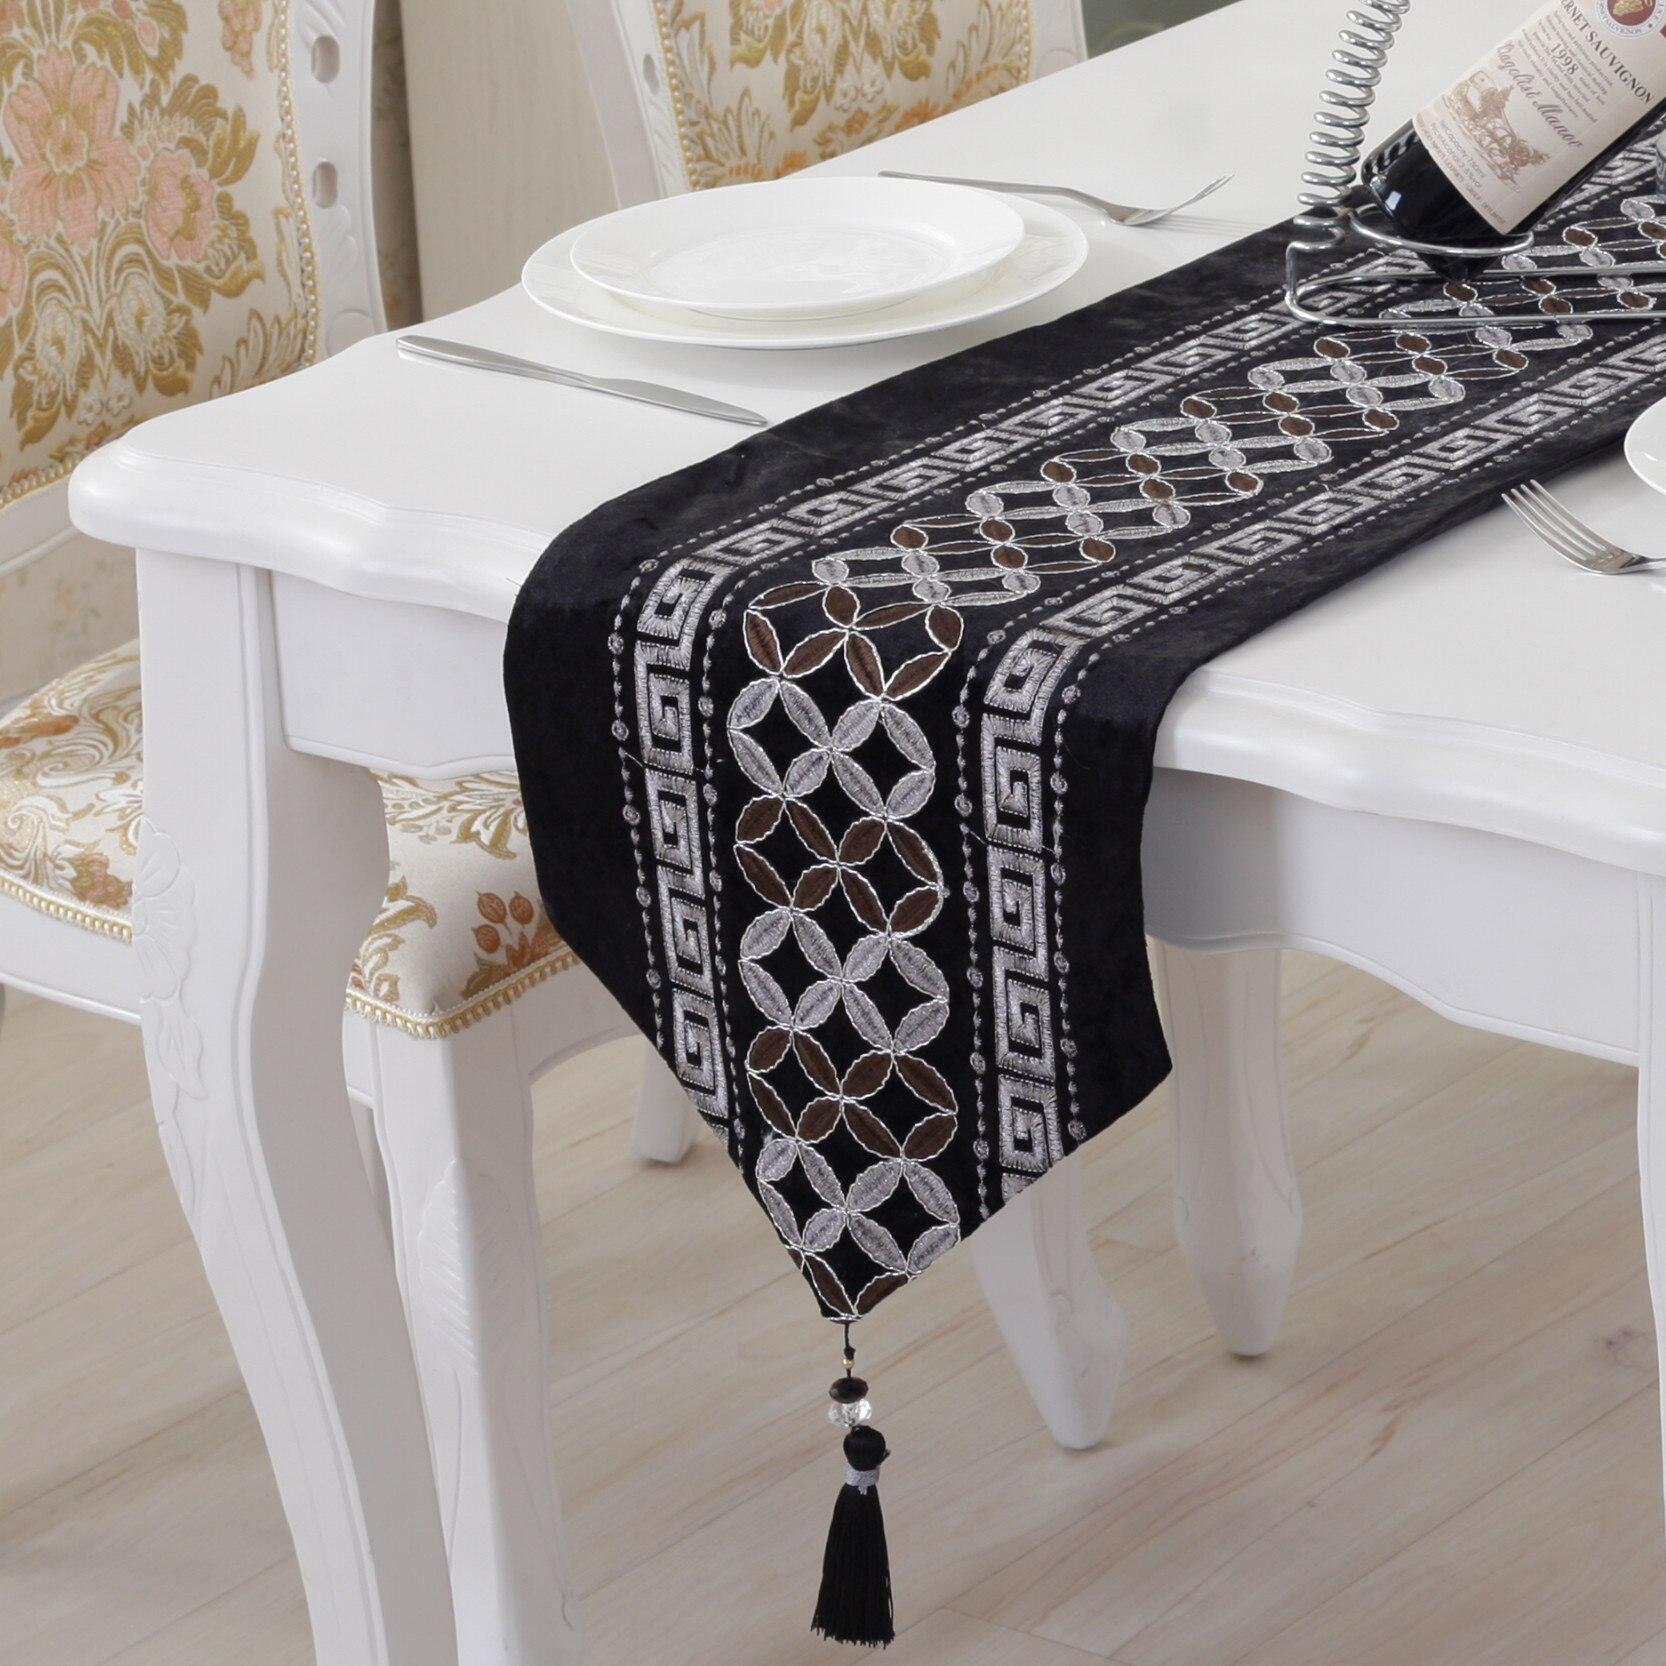 7 цветов Новая европейская современный минималистский мода высокого класса Кофе Настольная дорожка скатерти кровать классическая кровать ...